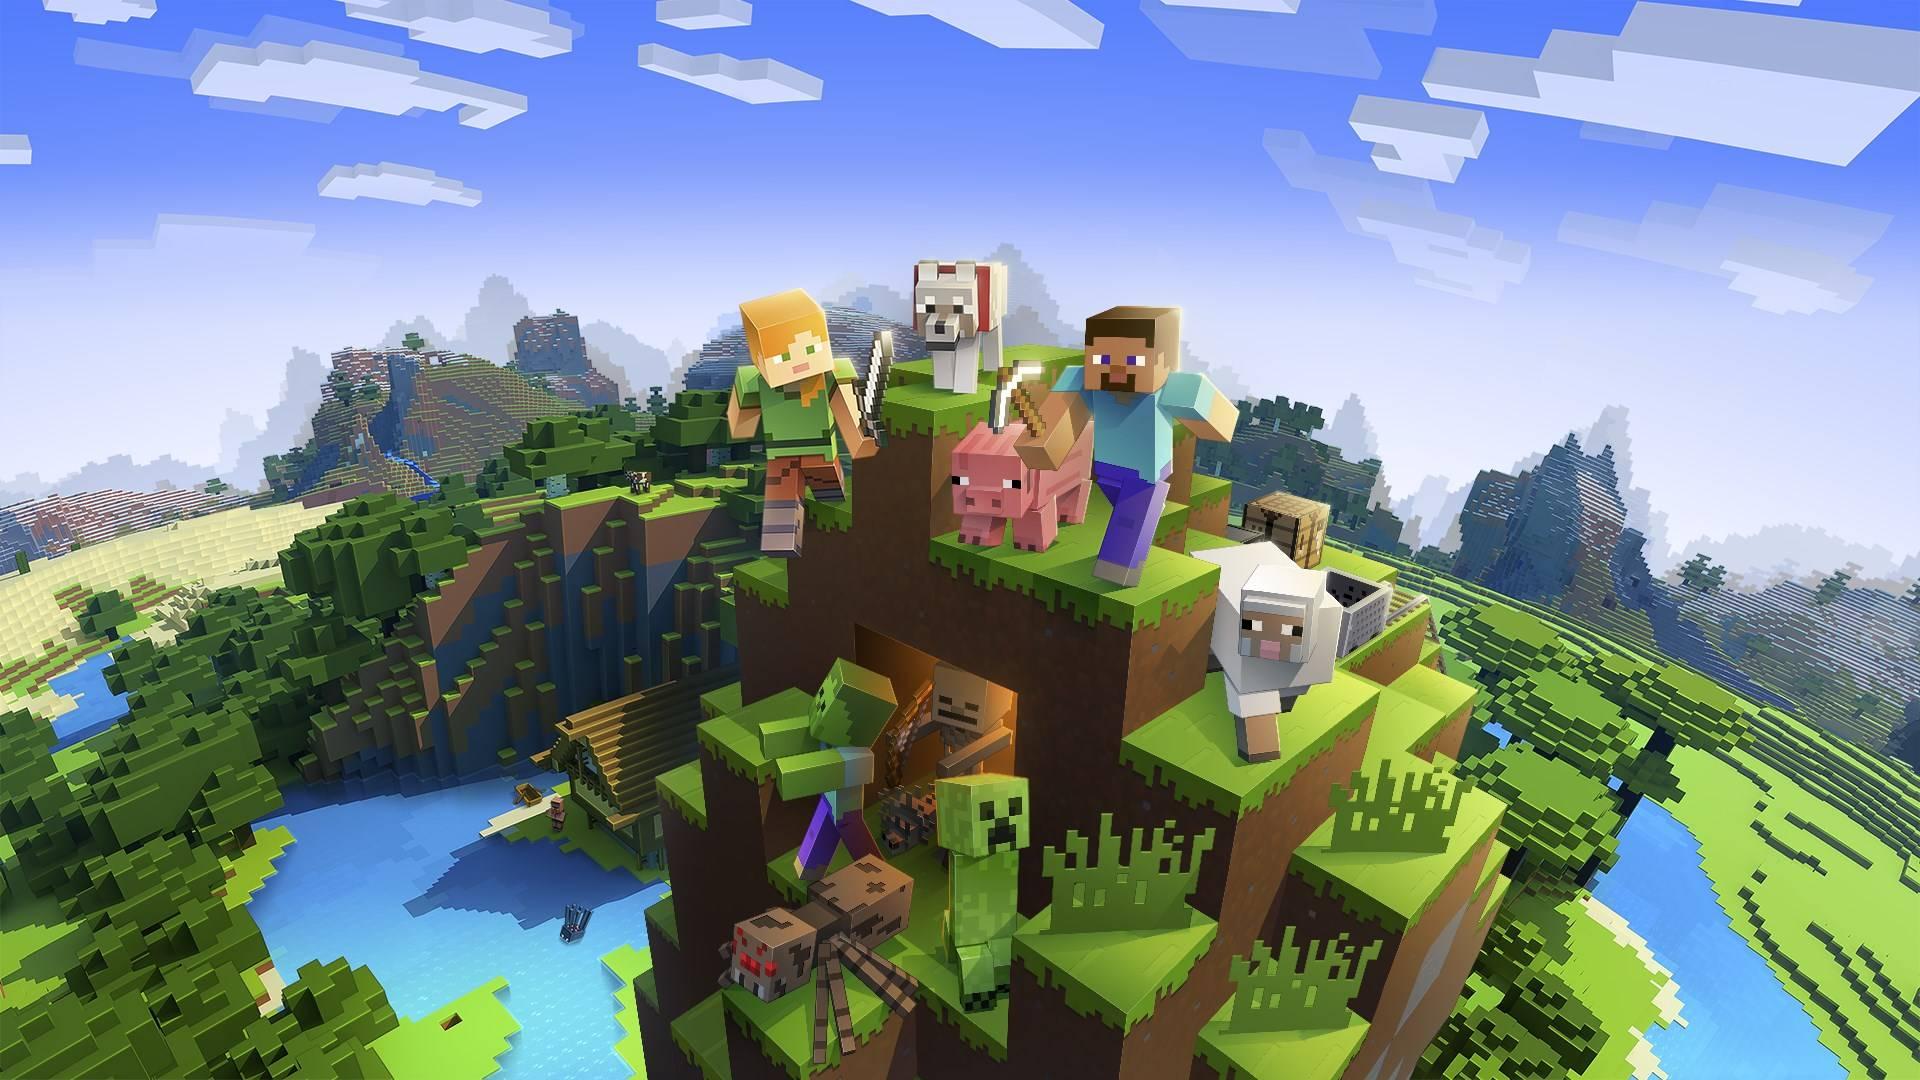 Facebook se encuentra desarrollando nuevo asistente virtual para Minecraft